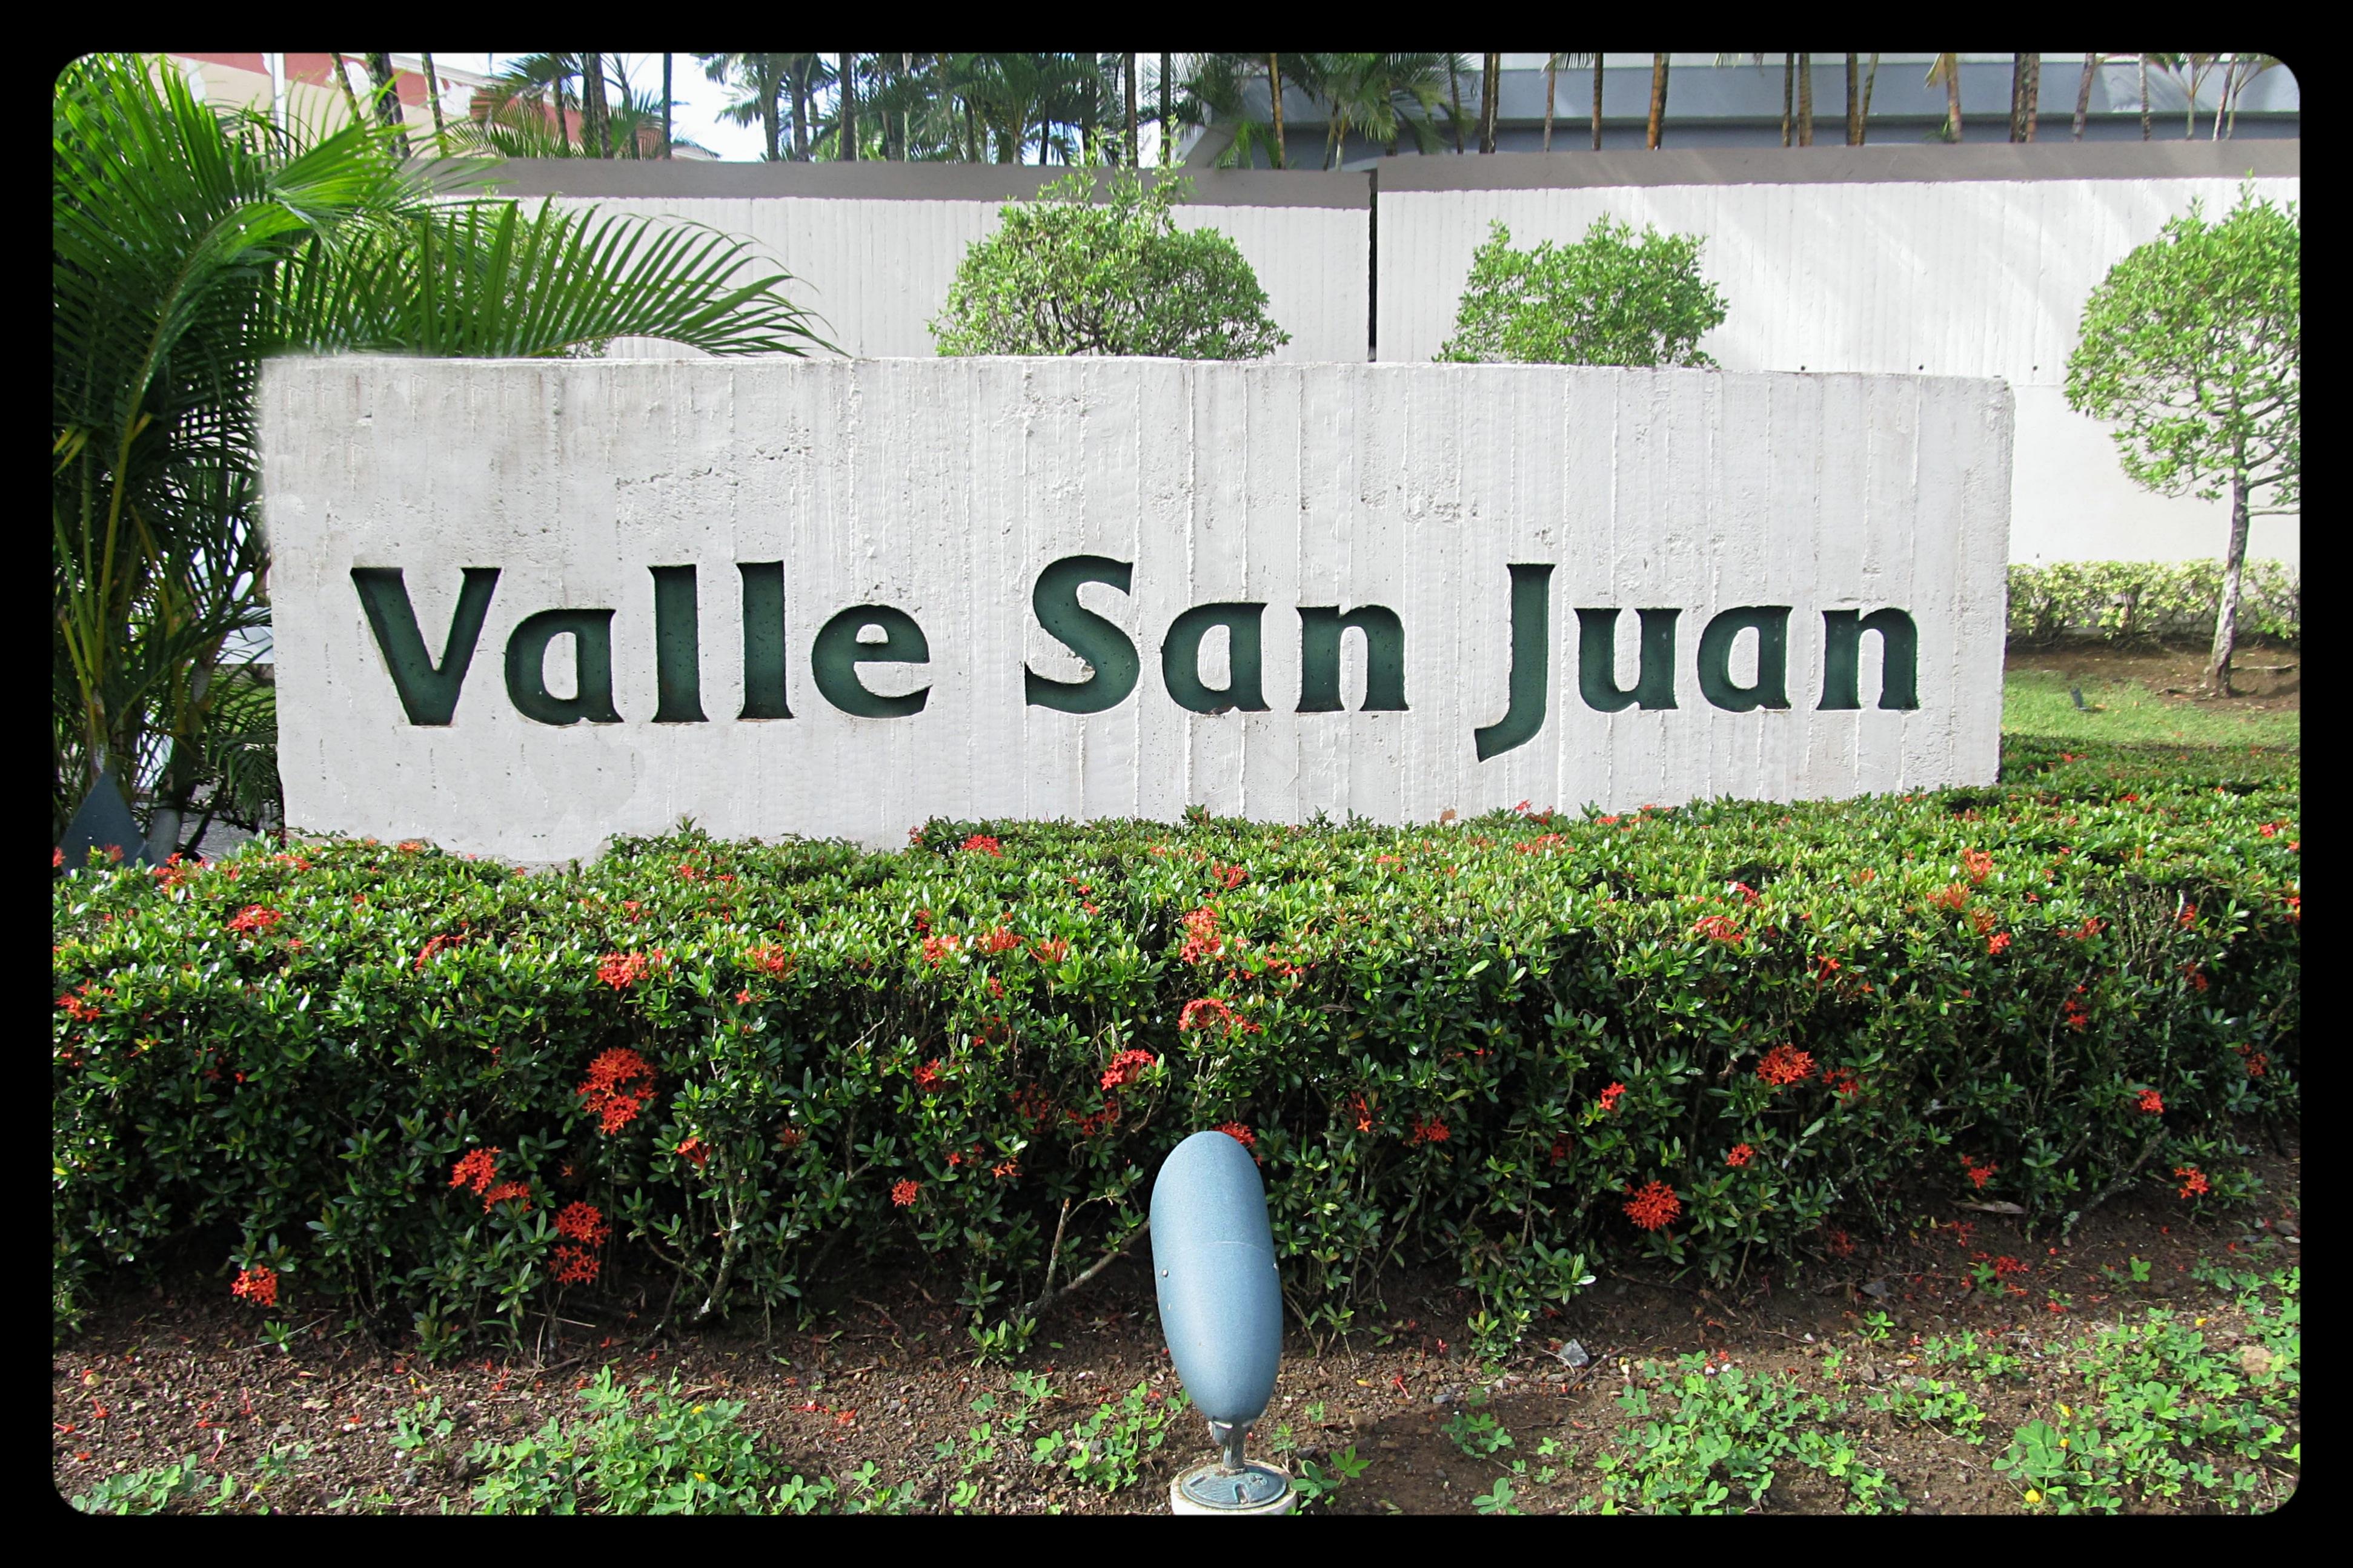 Valle San Juan